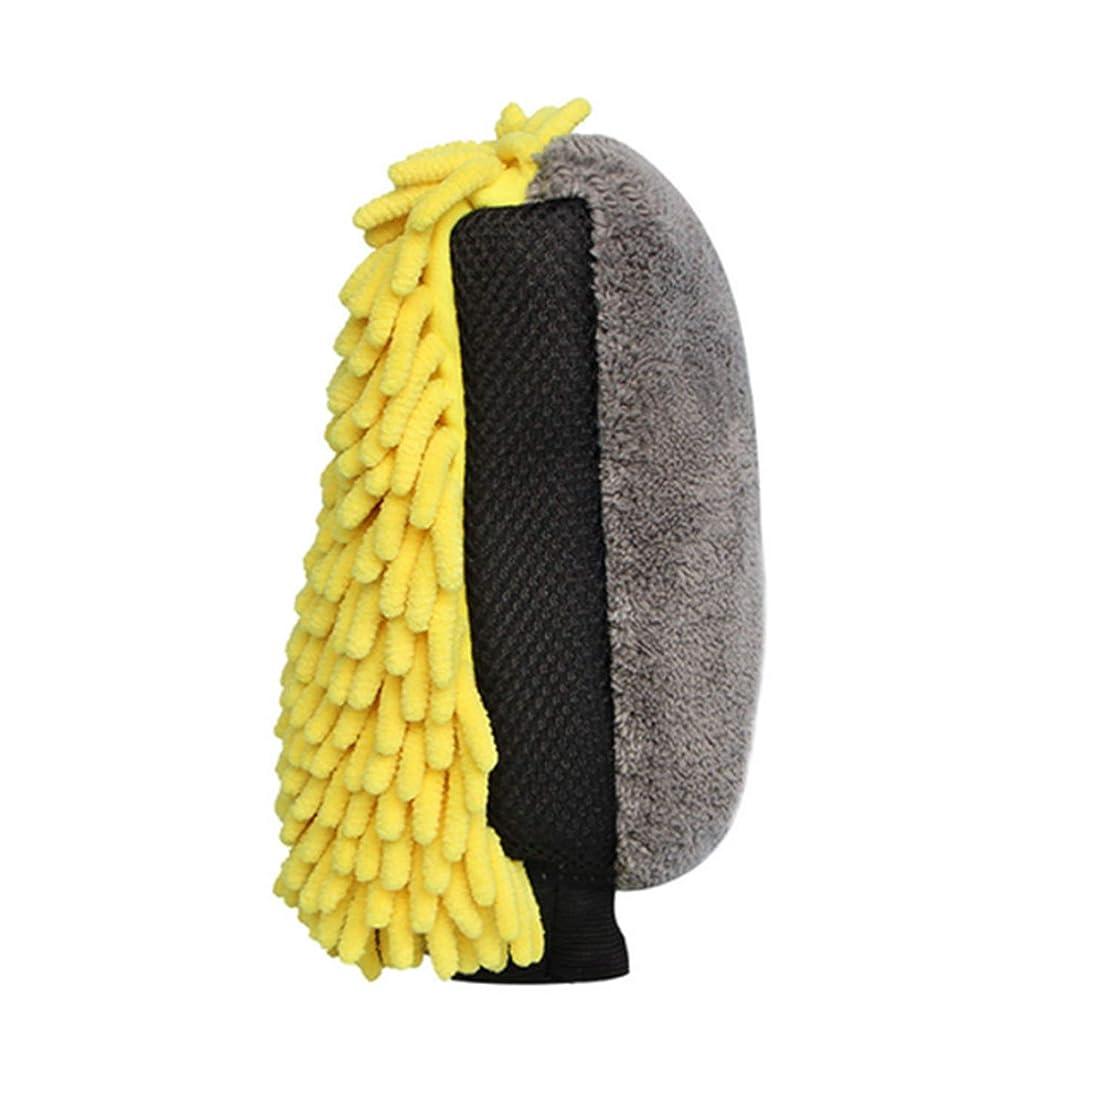 測定ファーザーファージュ期待してBTXXYJP 防水 カーウォッシュマイクロ ファイバーシェ ニール ディテールブラシ グローブ 多機能 (Color : Yellow, Size : M-Five pairs)